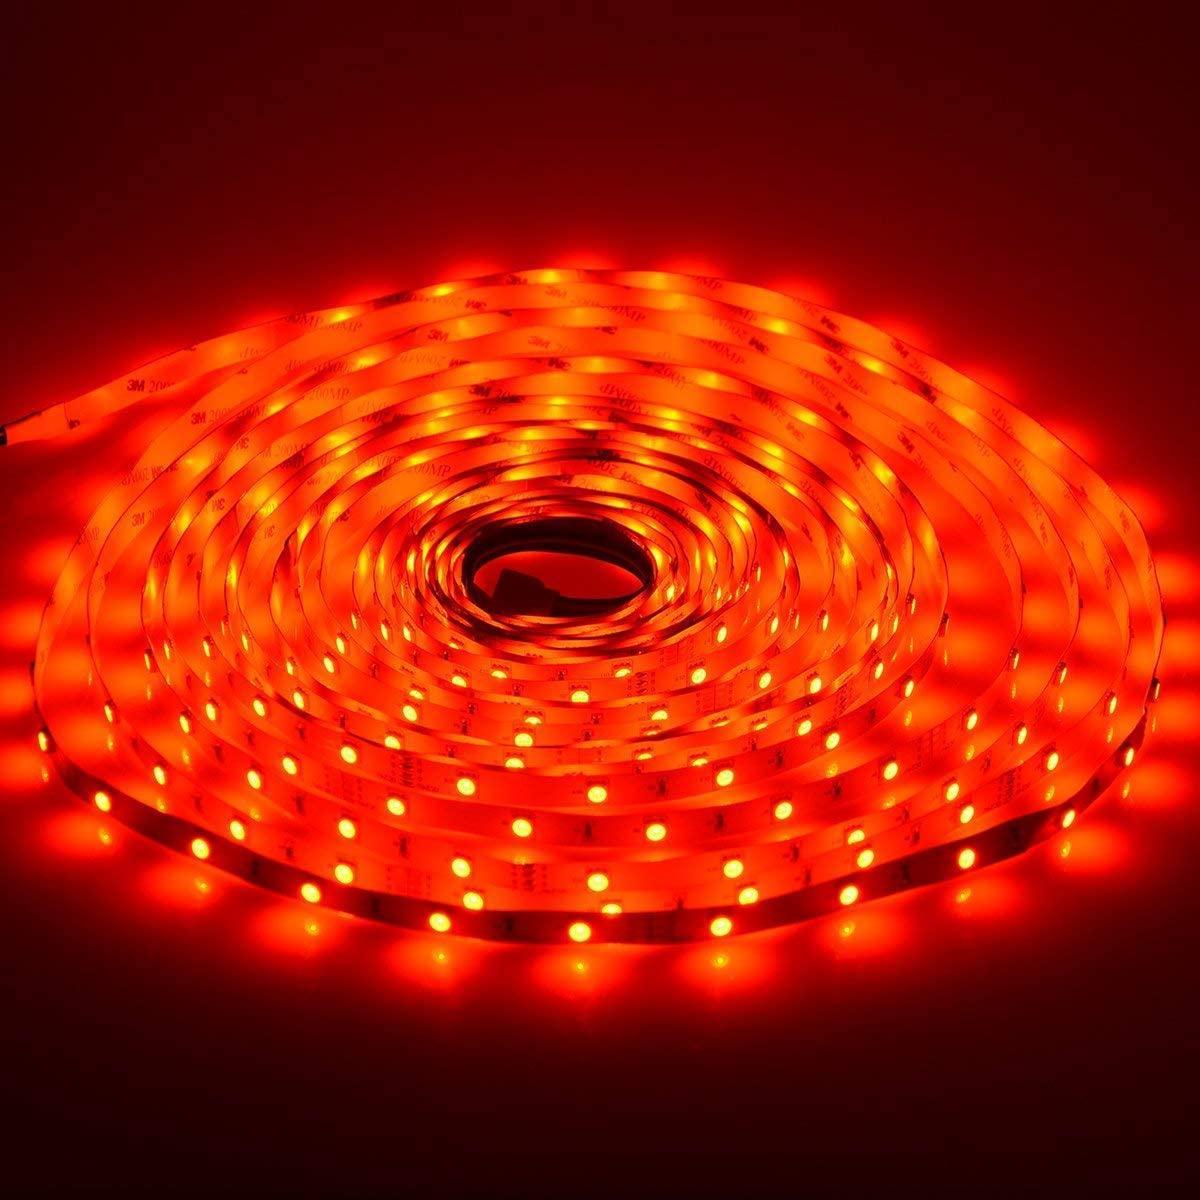 Meteor LED Şerit Işıkları RGB 16.4FT / 5 M SMD 5050 DC12V Esnek Les Şeritler Işıkları 50LED / Metre 16 Sonfferent Statik Renkler